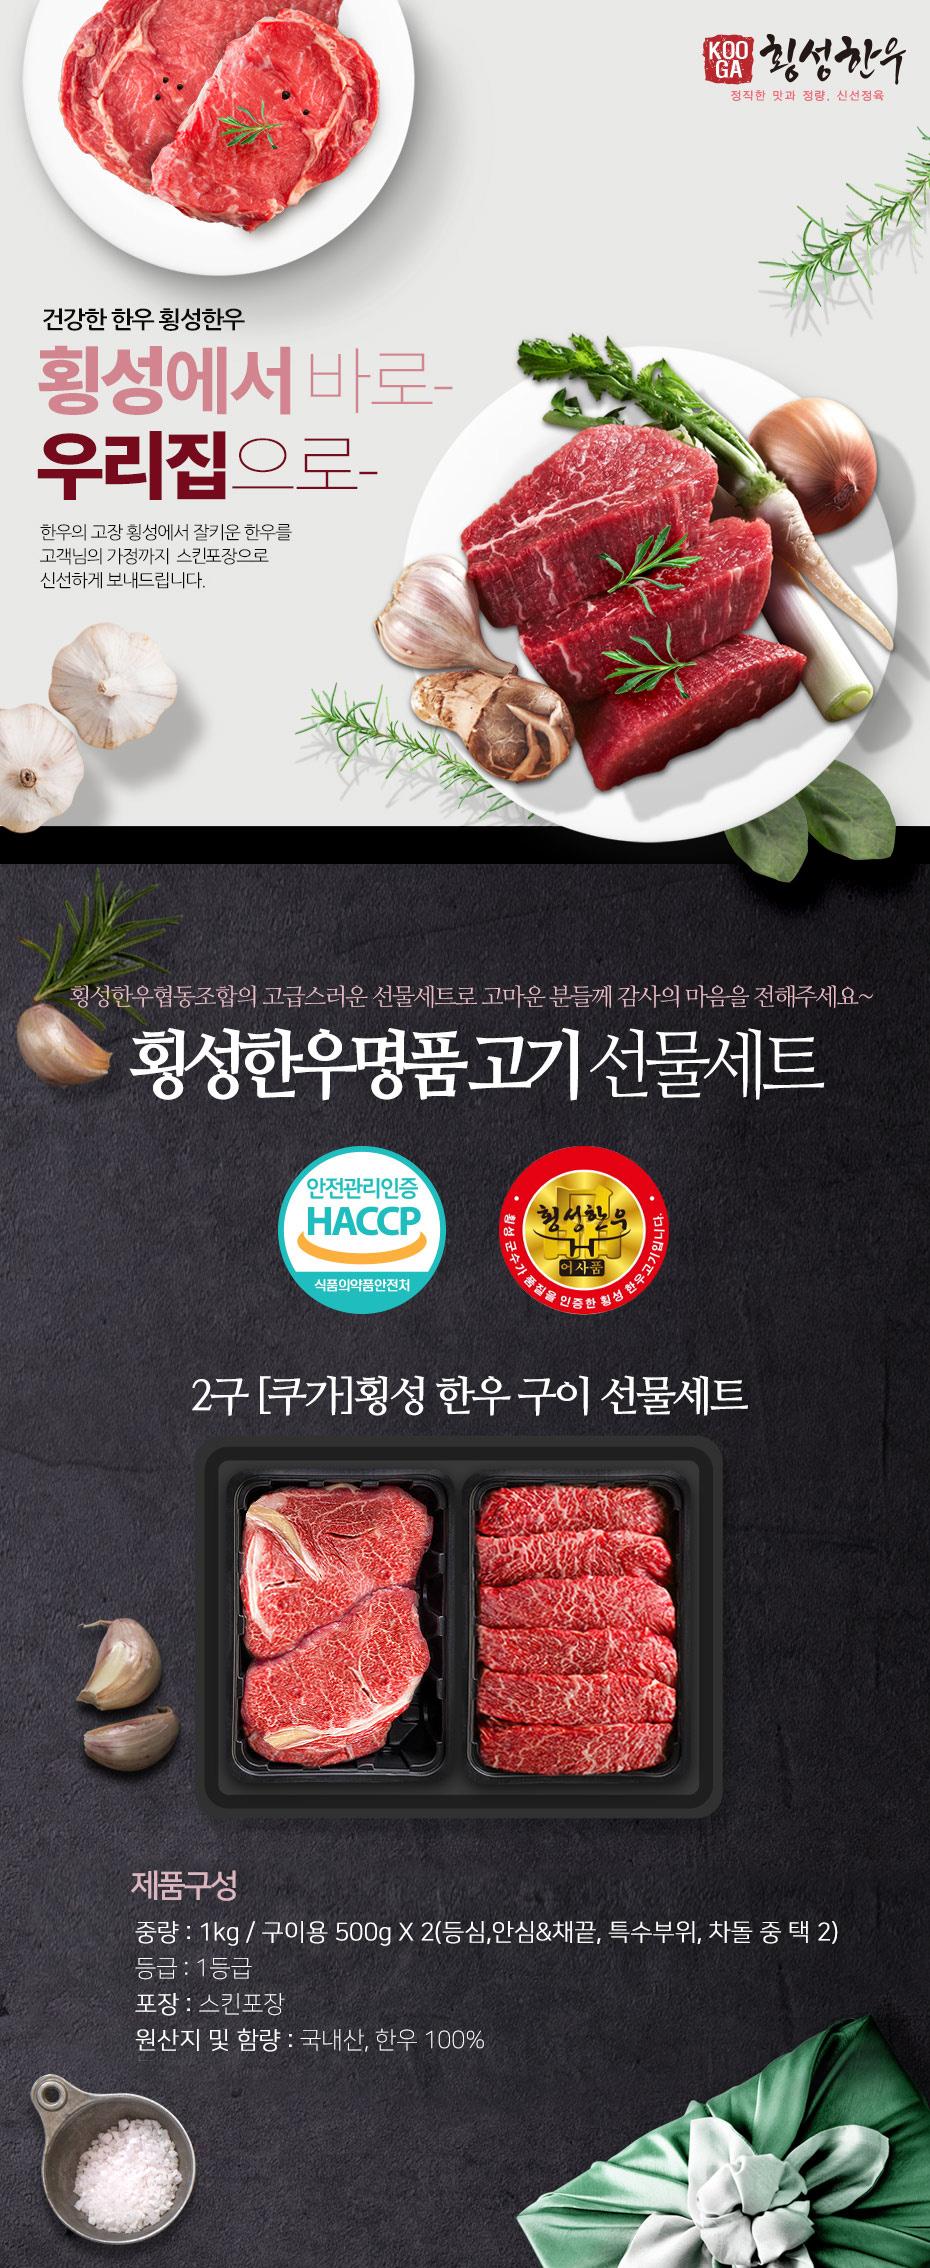 set2_meat_roasted_011141.jpg